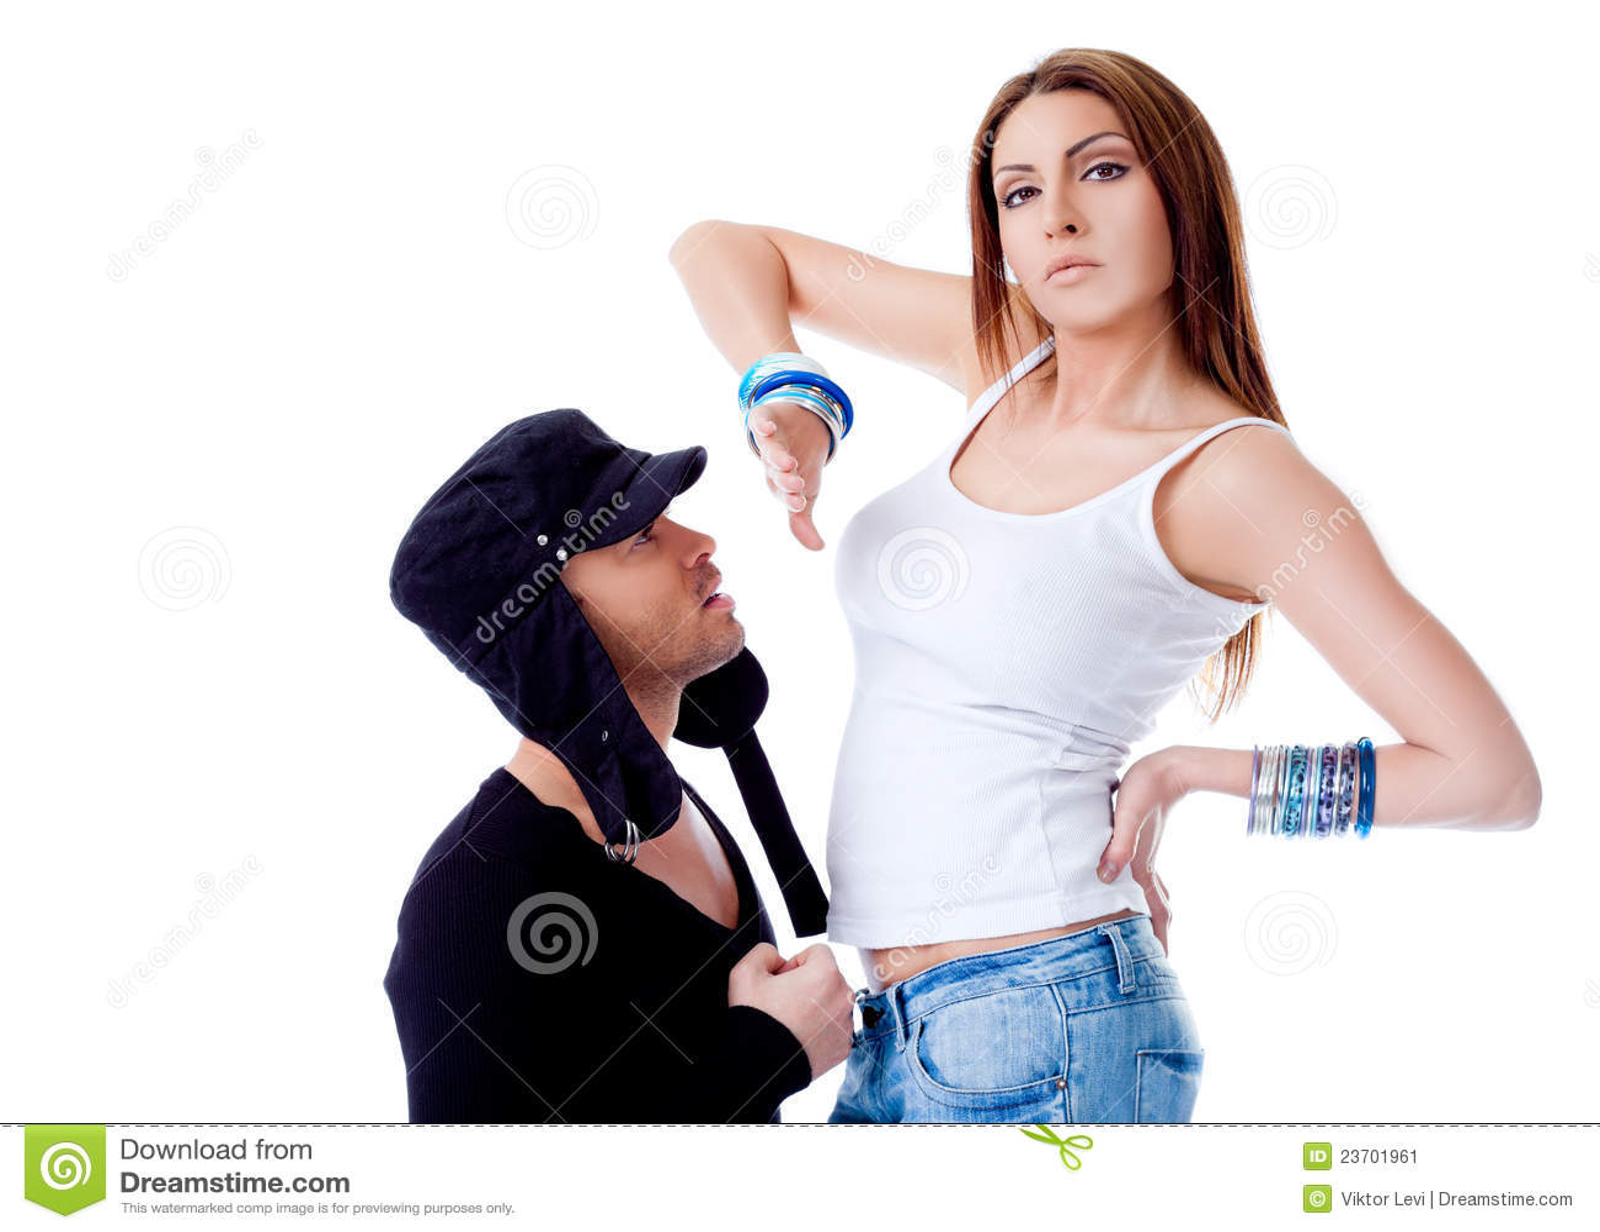 Men rejecting women